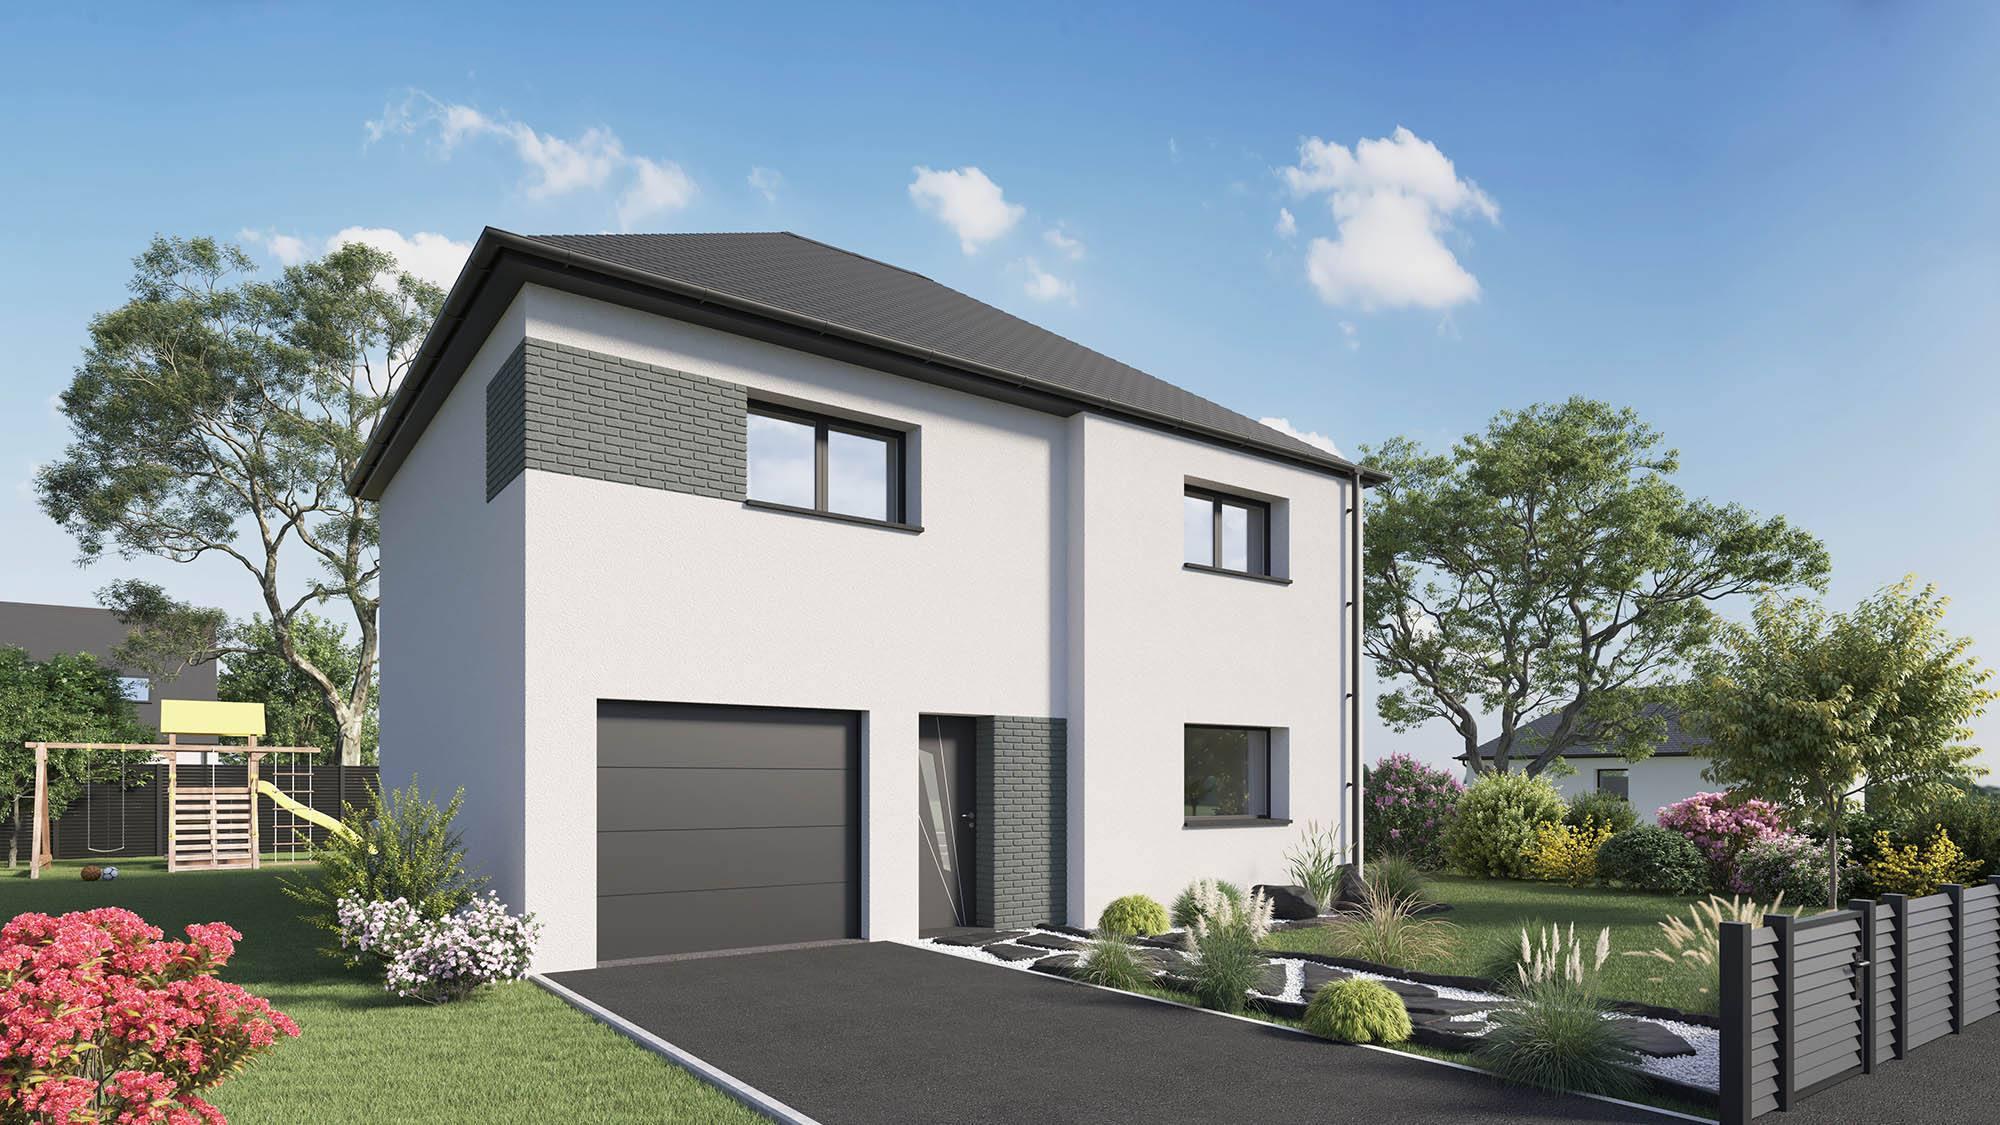 Votre maison + terrain à Val-de-Reuil  - 27100